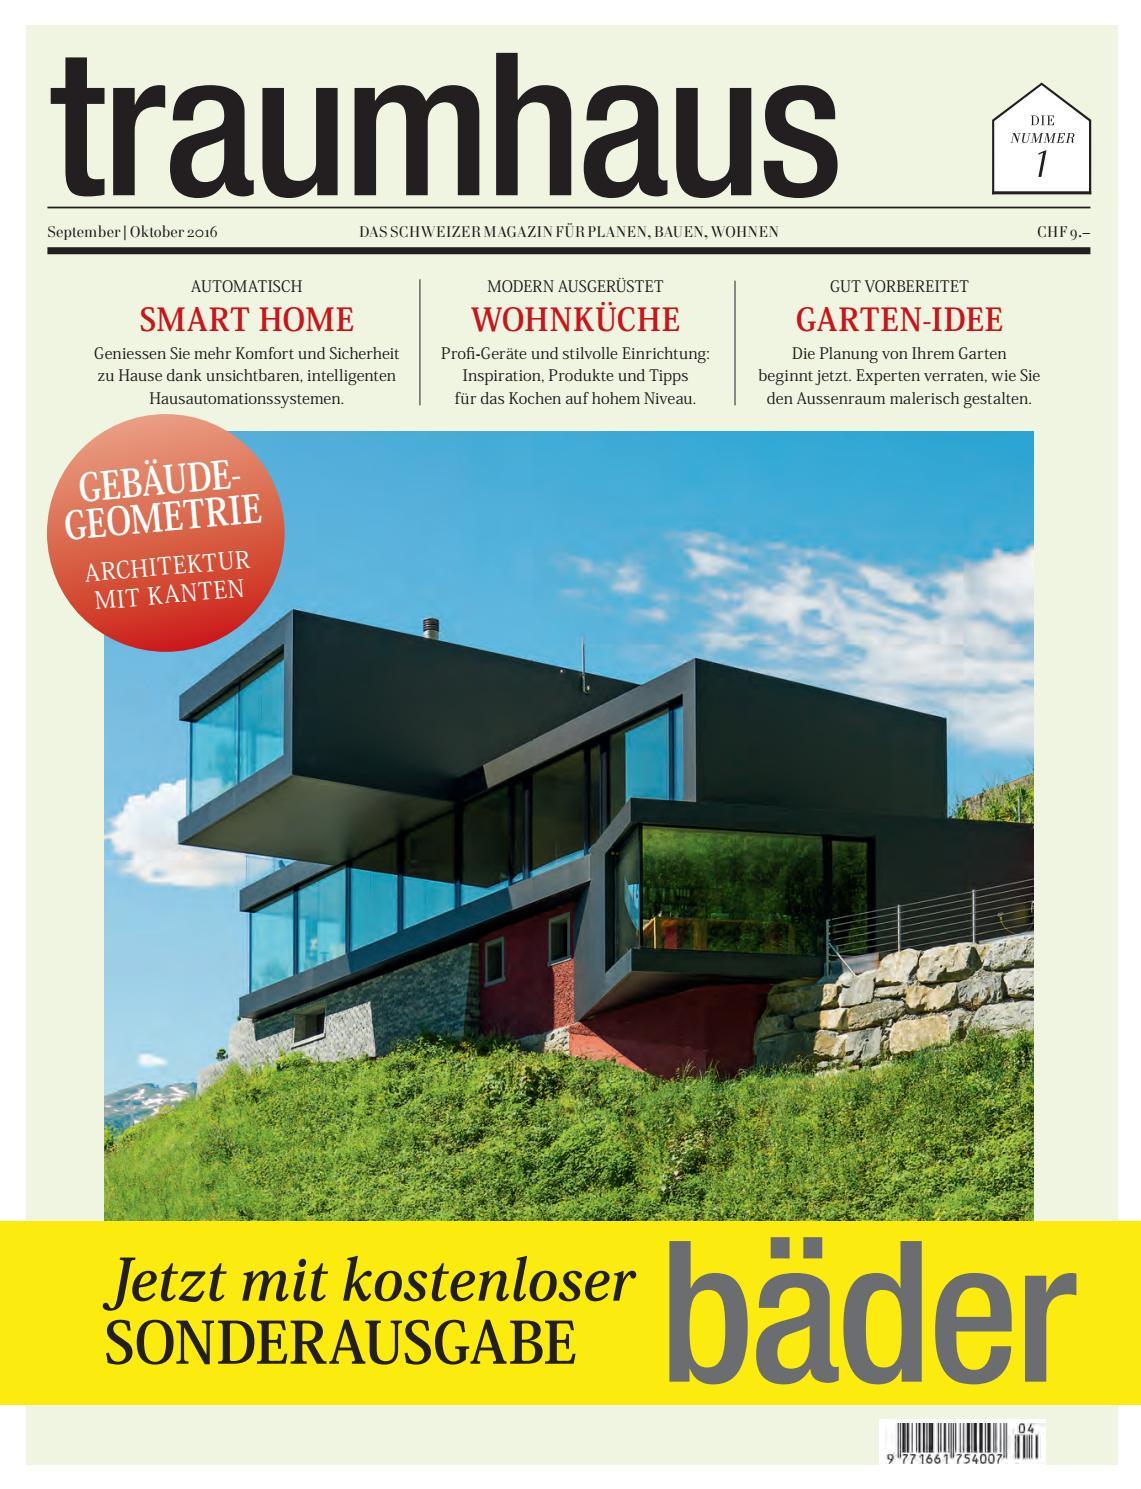 weinkeller bauen modern gestalten, traumhaus 04 2016 by bl verlag ag - issuu, Design ideen